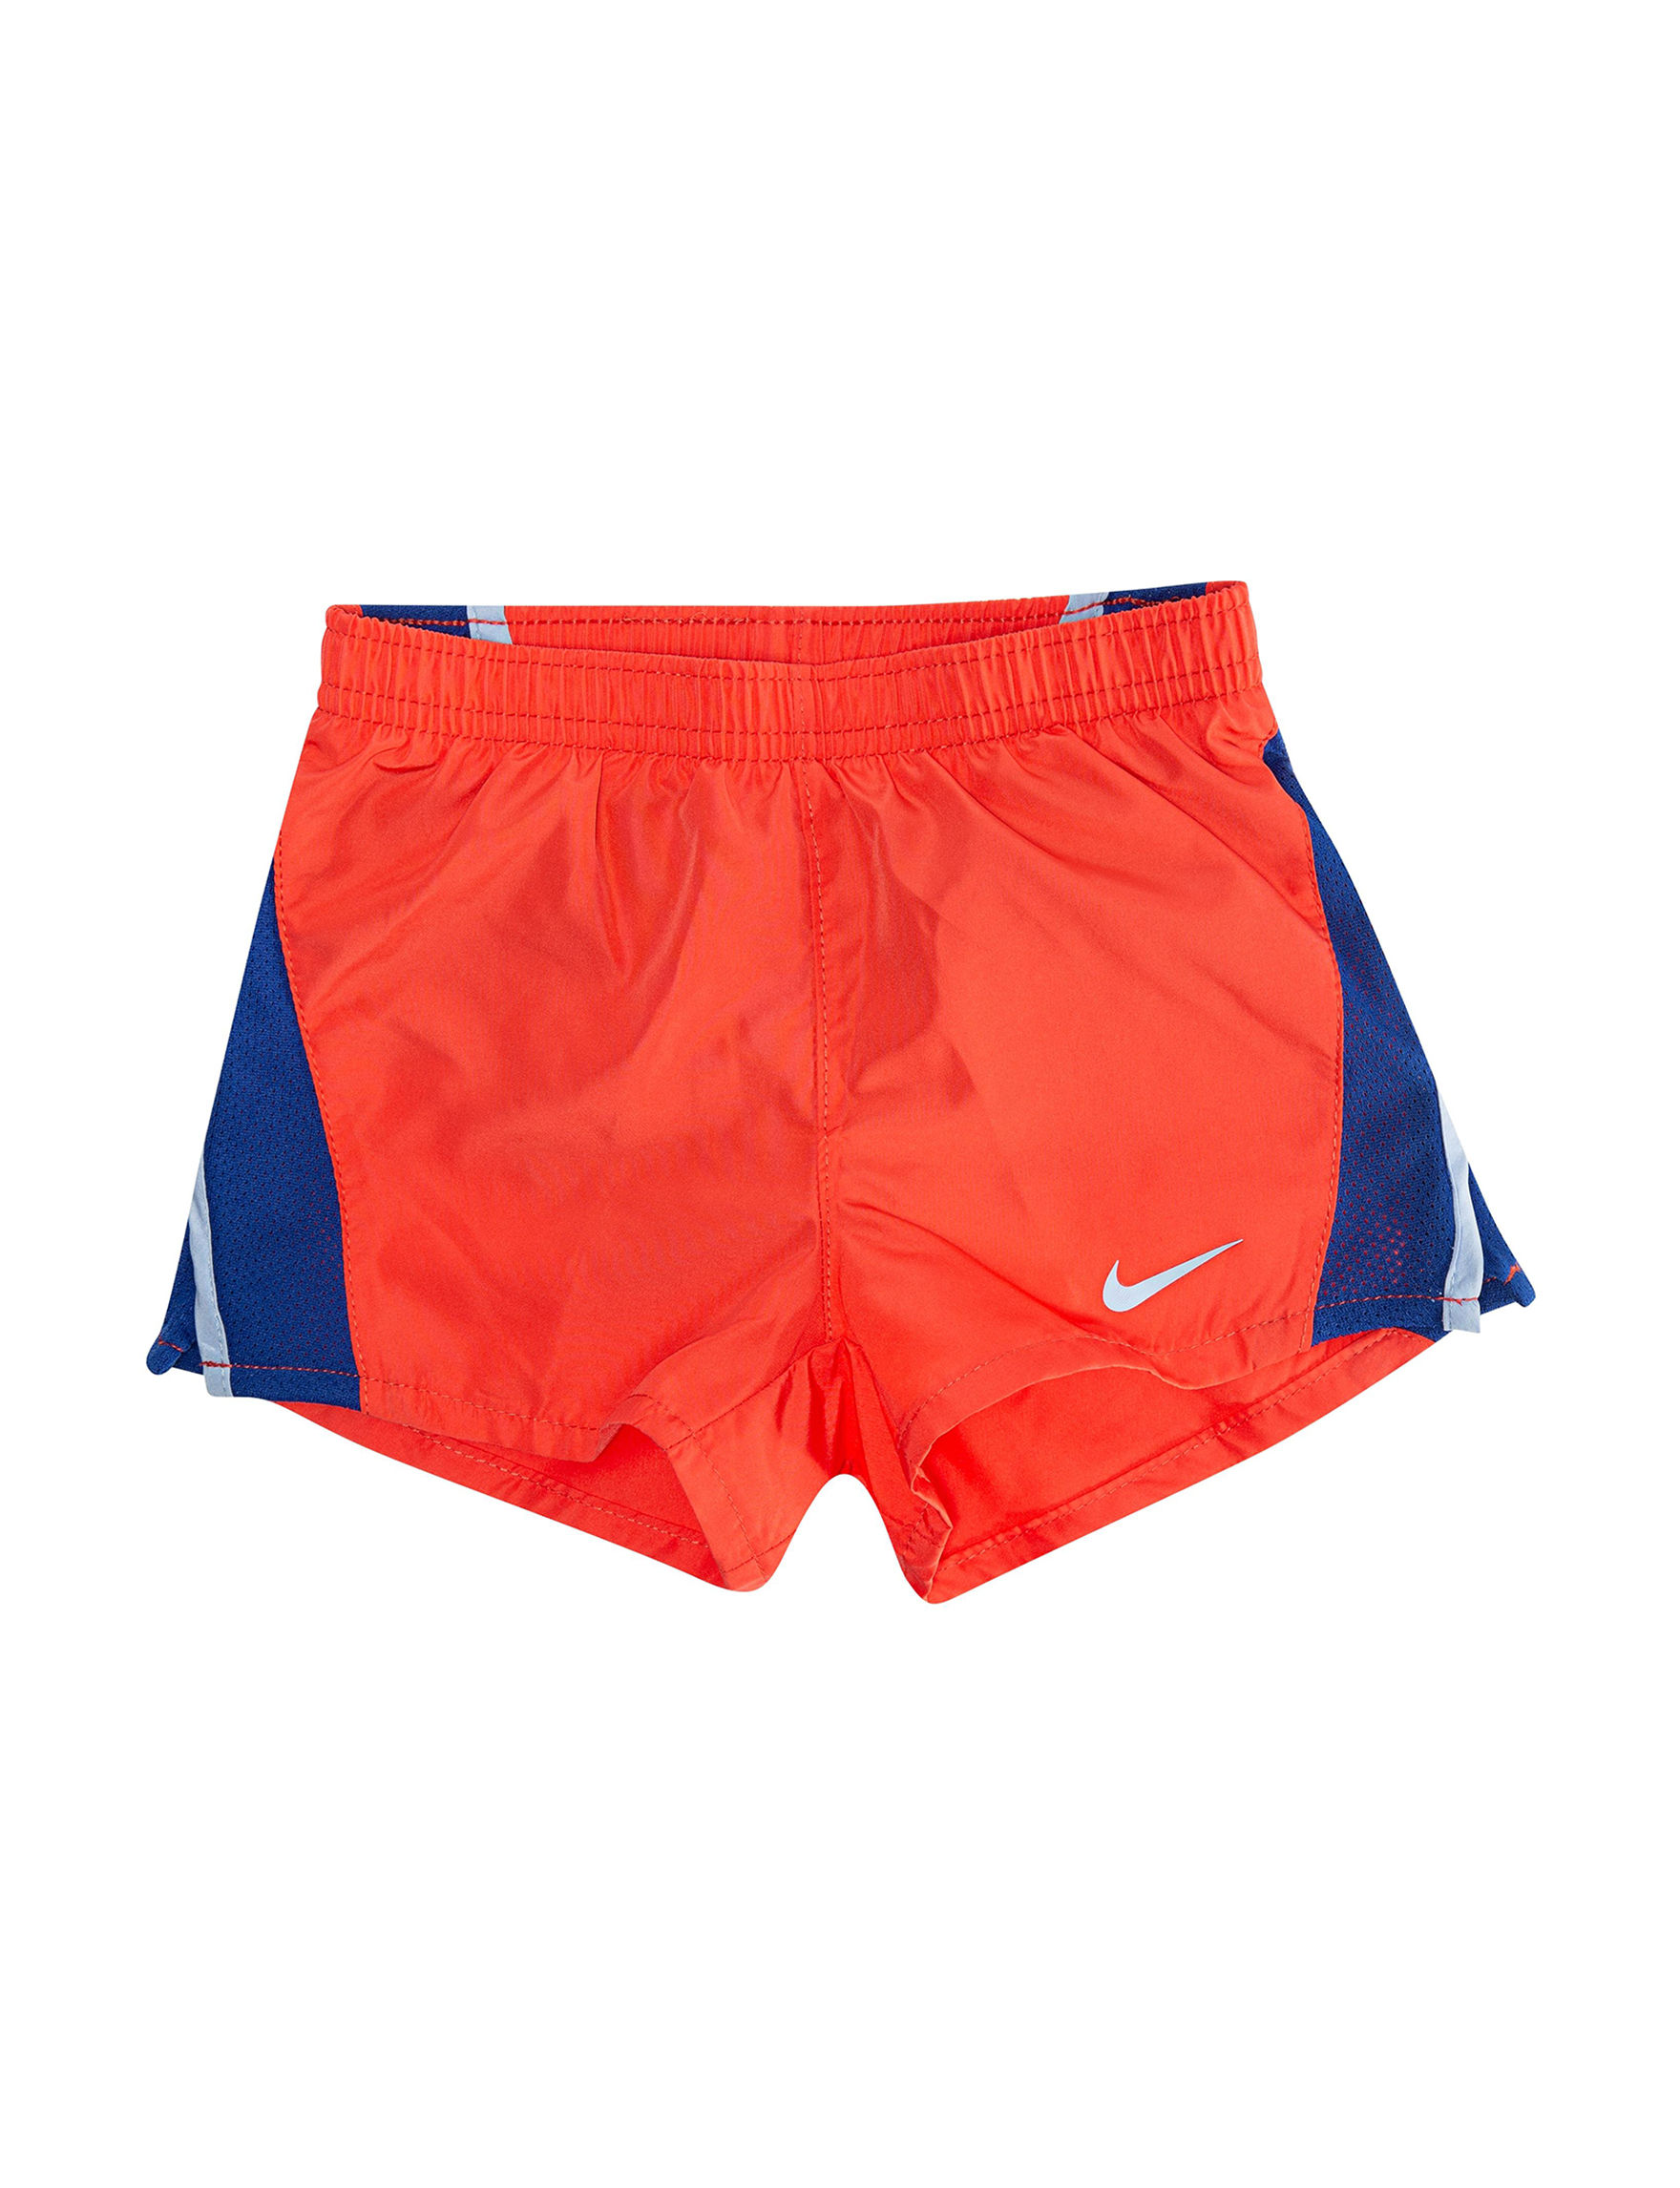 Nike Orange / Blue